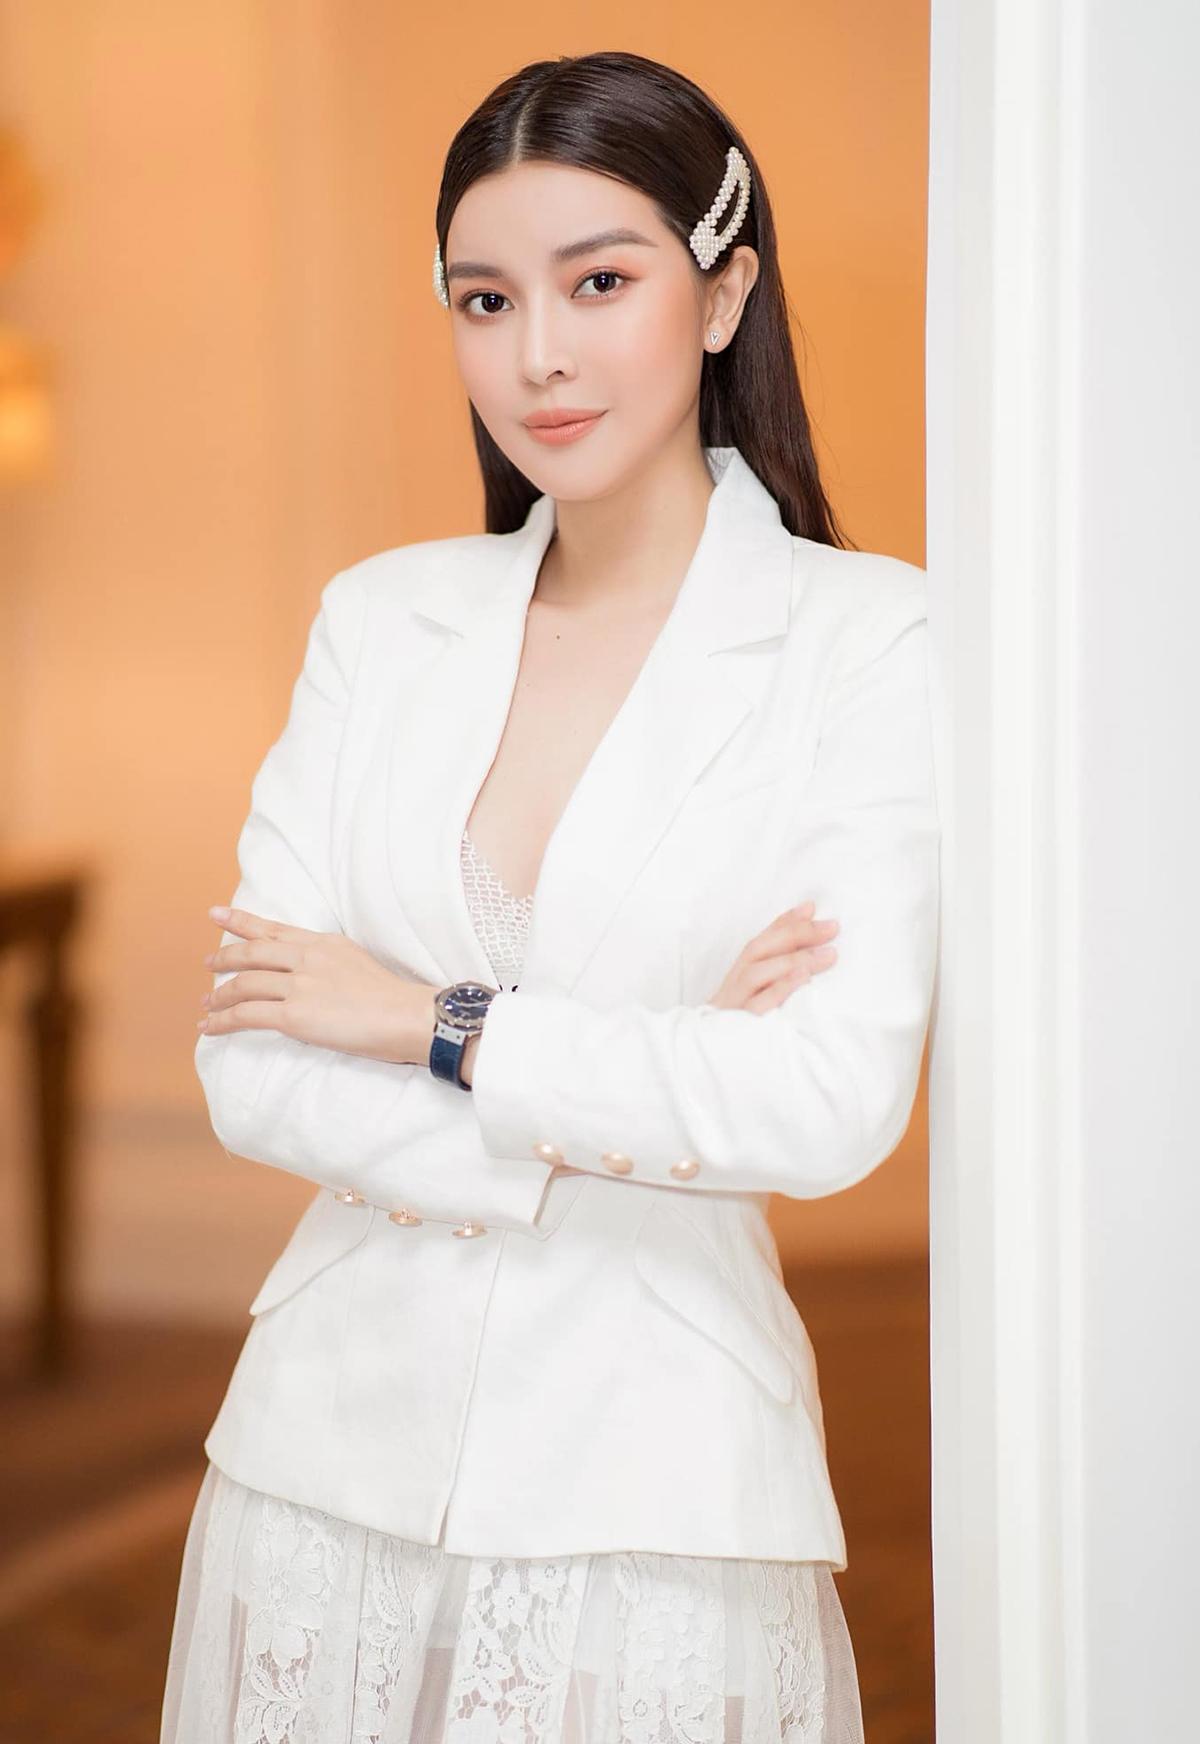 Đối lập hoàn toàn với hình ảnh tươi trẻ khi ra phố, lúc lên thảm đỏ hay tham dự sự kiện, Cao Thái Hà lập tức hóa thành quý cô tuổi 30 đầy sang trọng.